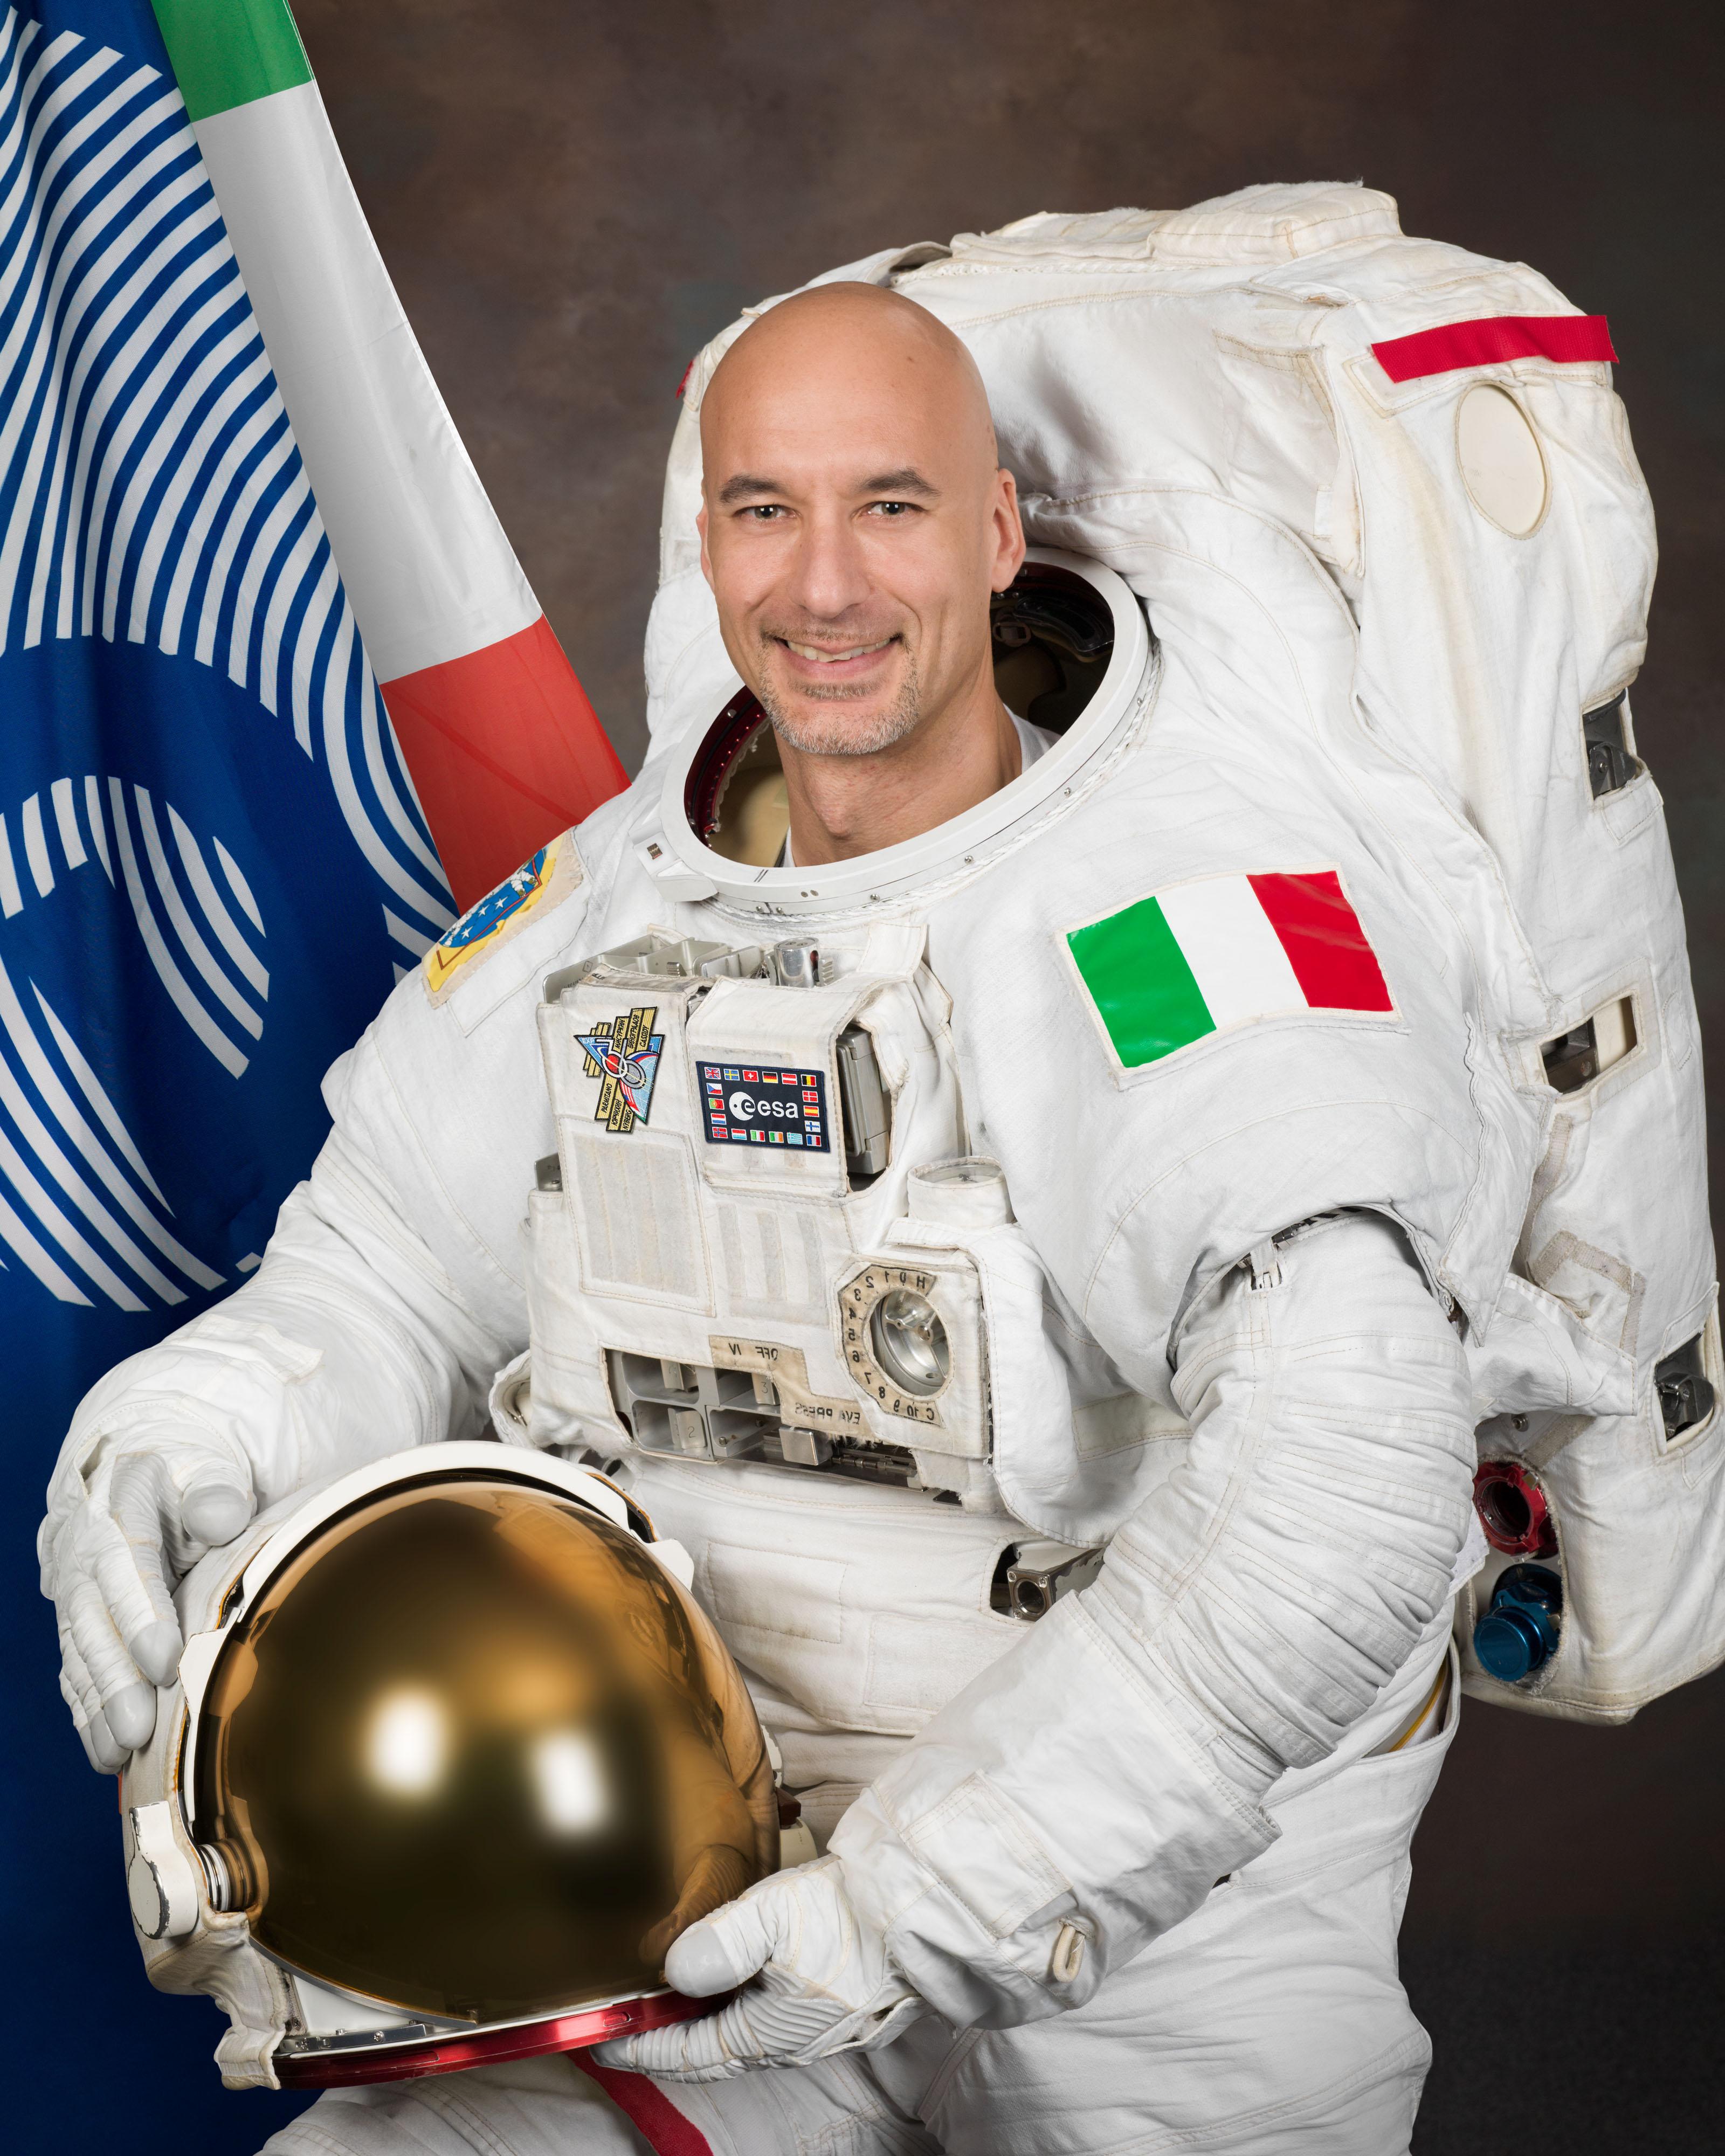 Spazio, l'astronauta Luca Parmitano è il primo italiano alla guida dell'Iss